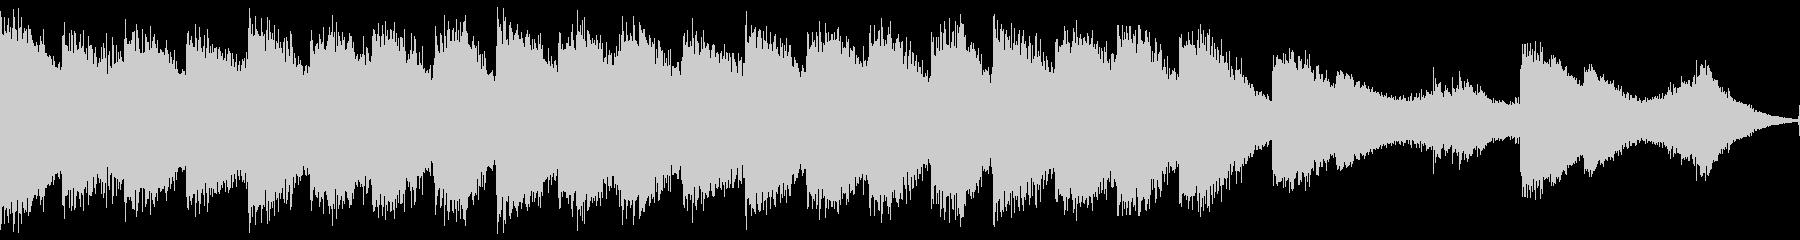 不気味な和風ホラーBGM・ループの未再生の波形